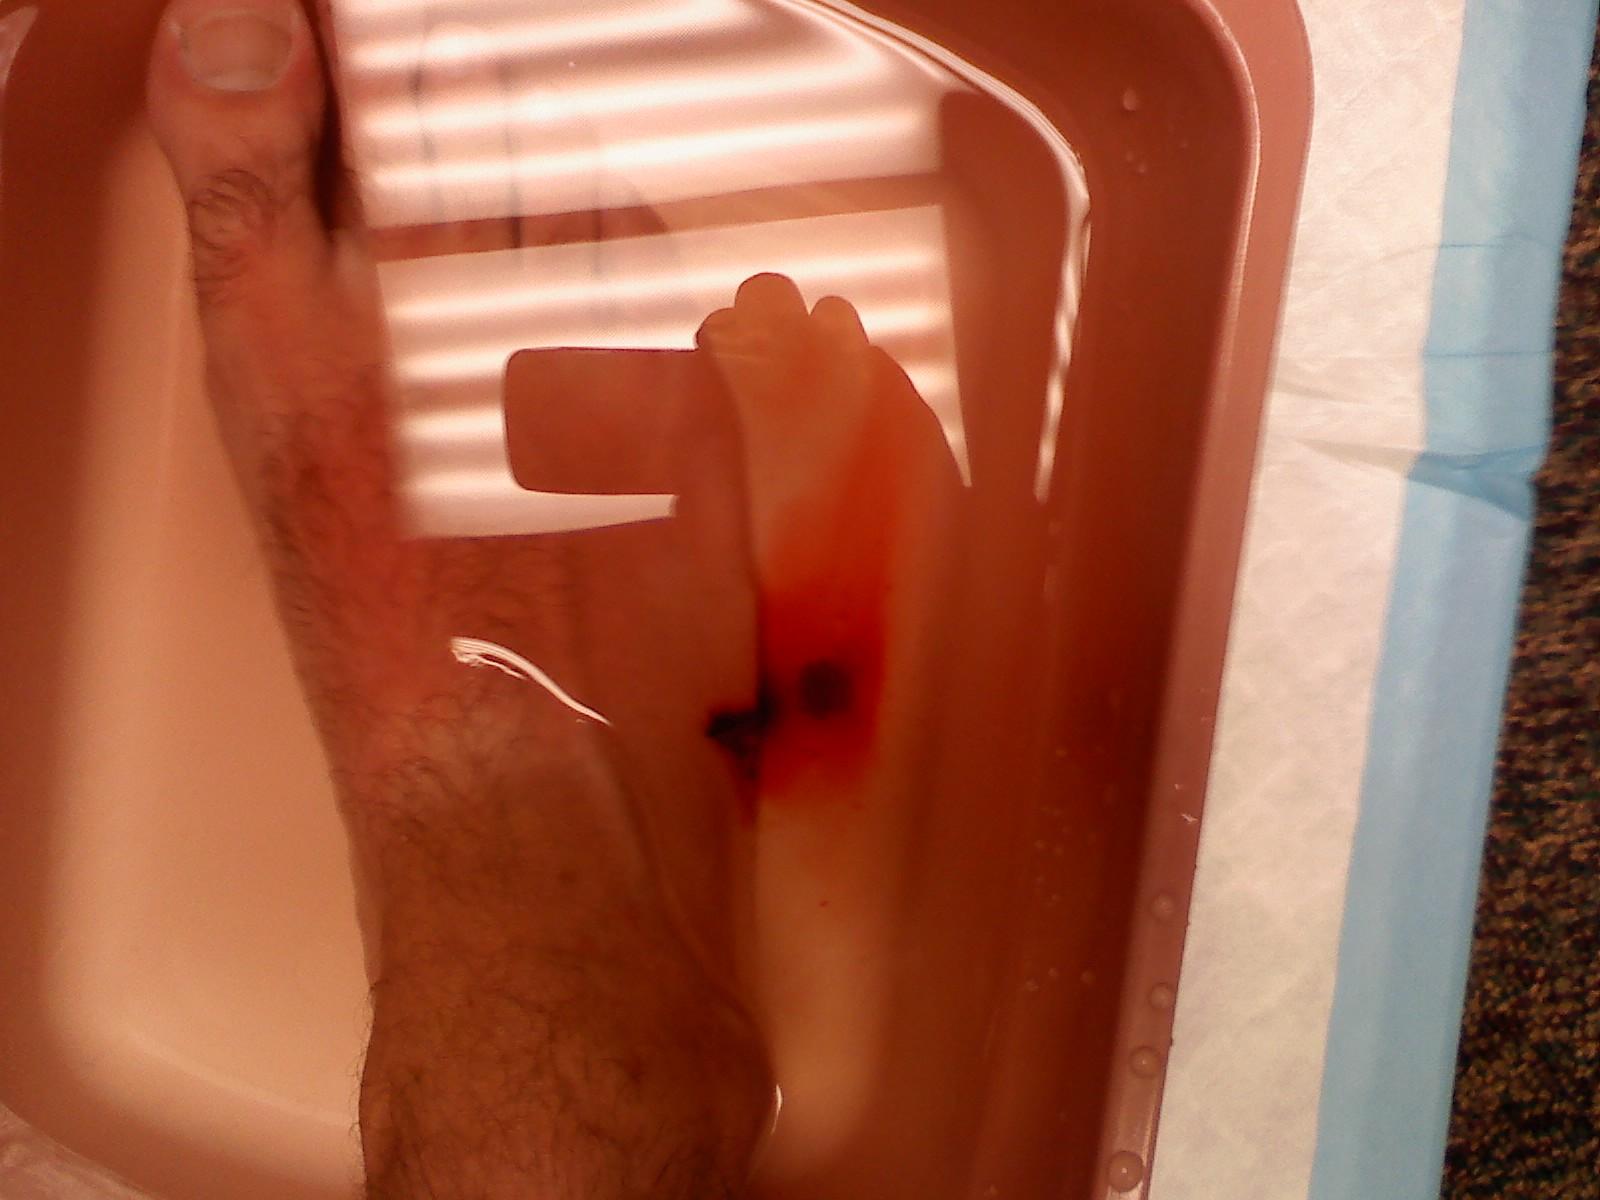 http://1.bp.blogspot.com/_XP41-Wdtfp4/TGluZ8iy60I/AAAAAAAAC5o/wcQm-ZQgnzU/s1600/sting+ray+8-10-2010.jpg